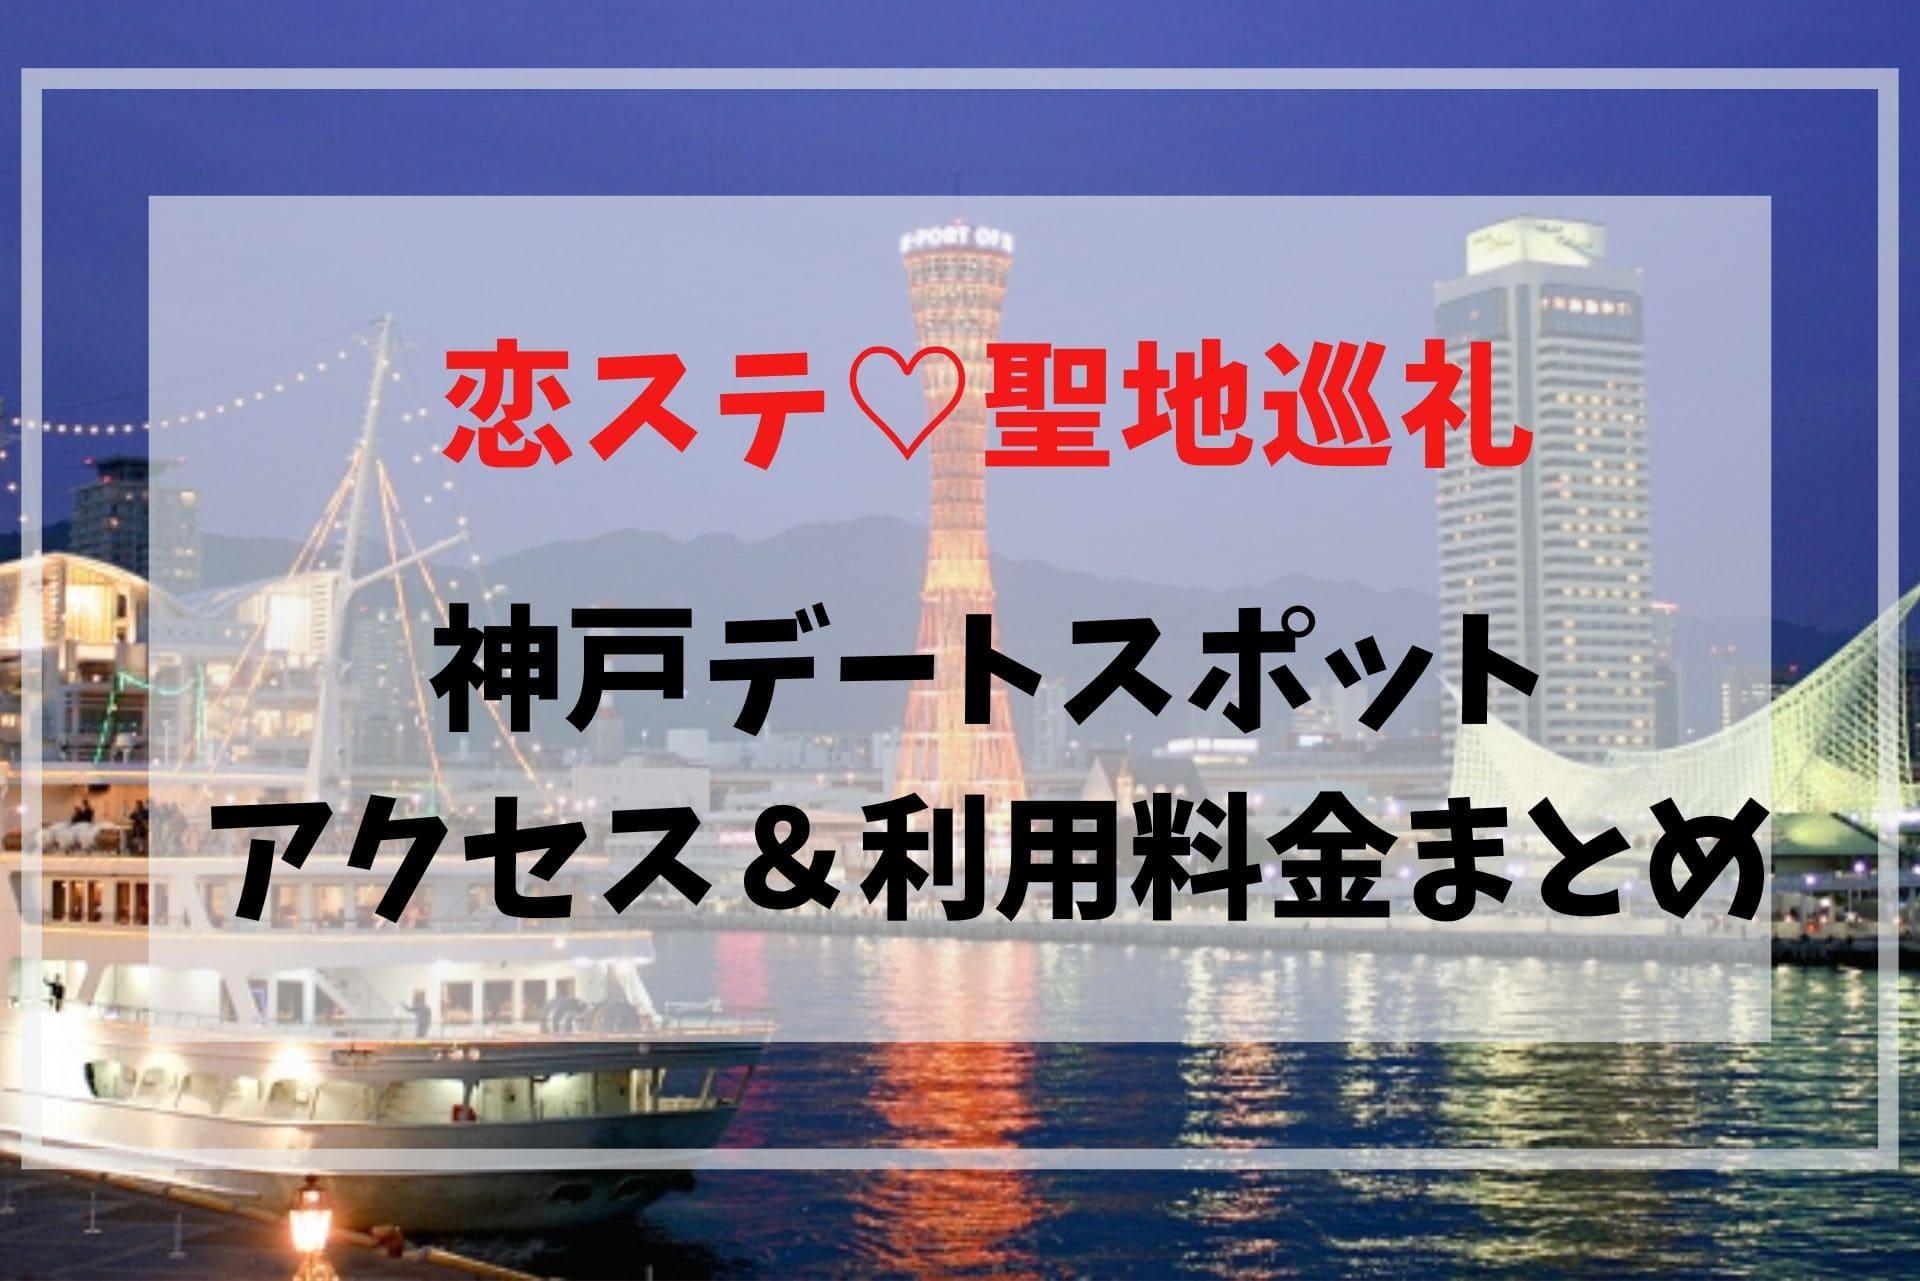 恋ステ 神戸